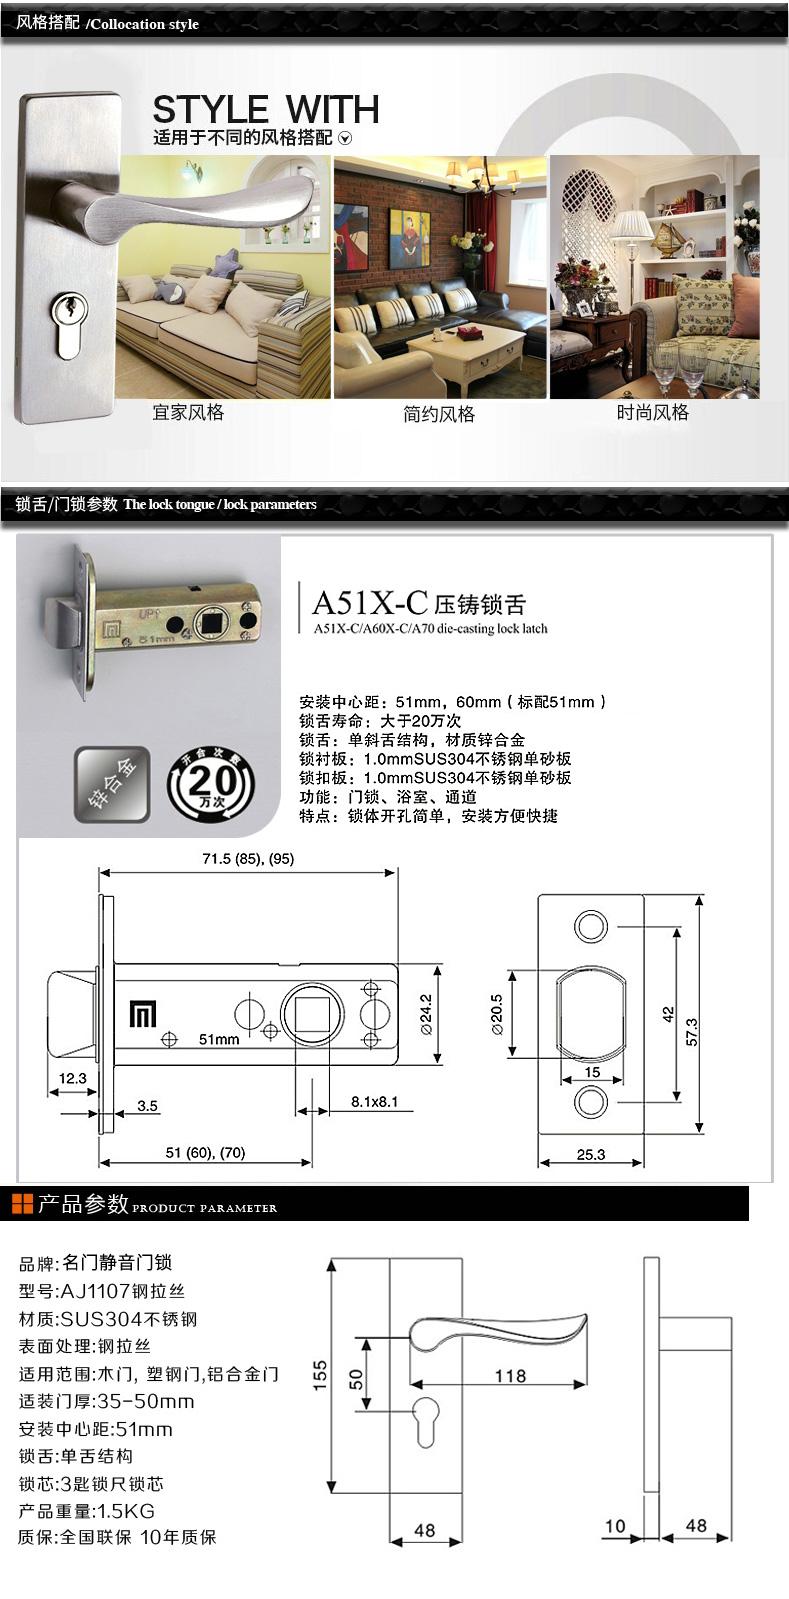 名门正品-室内拉丝不锈钢执手锁AJ1107A_05.jpg